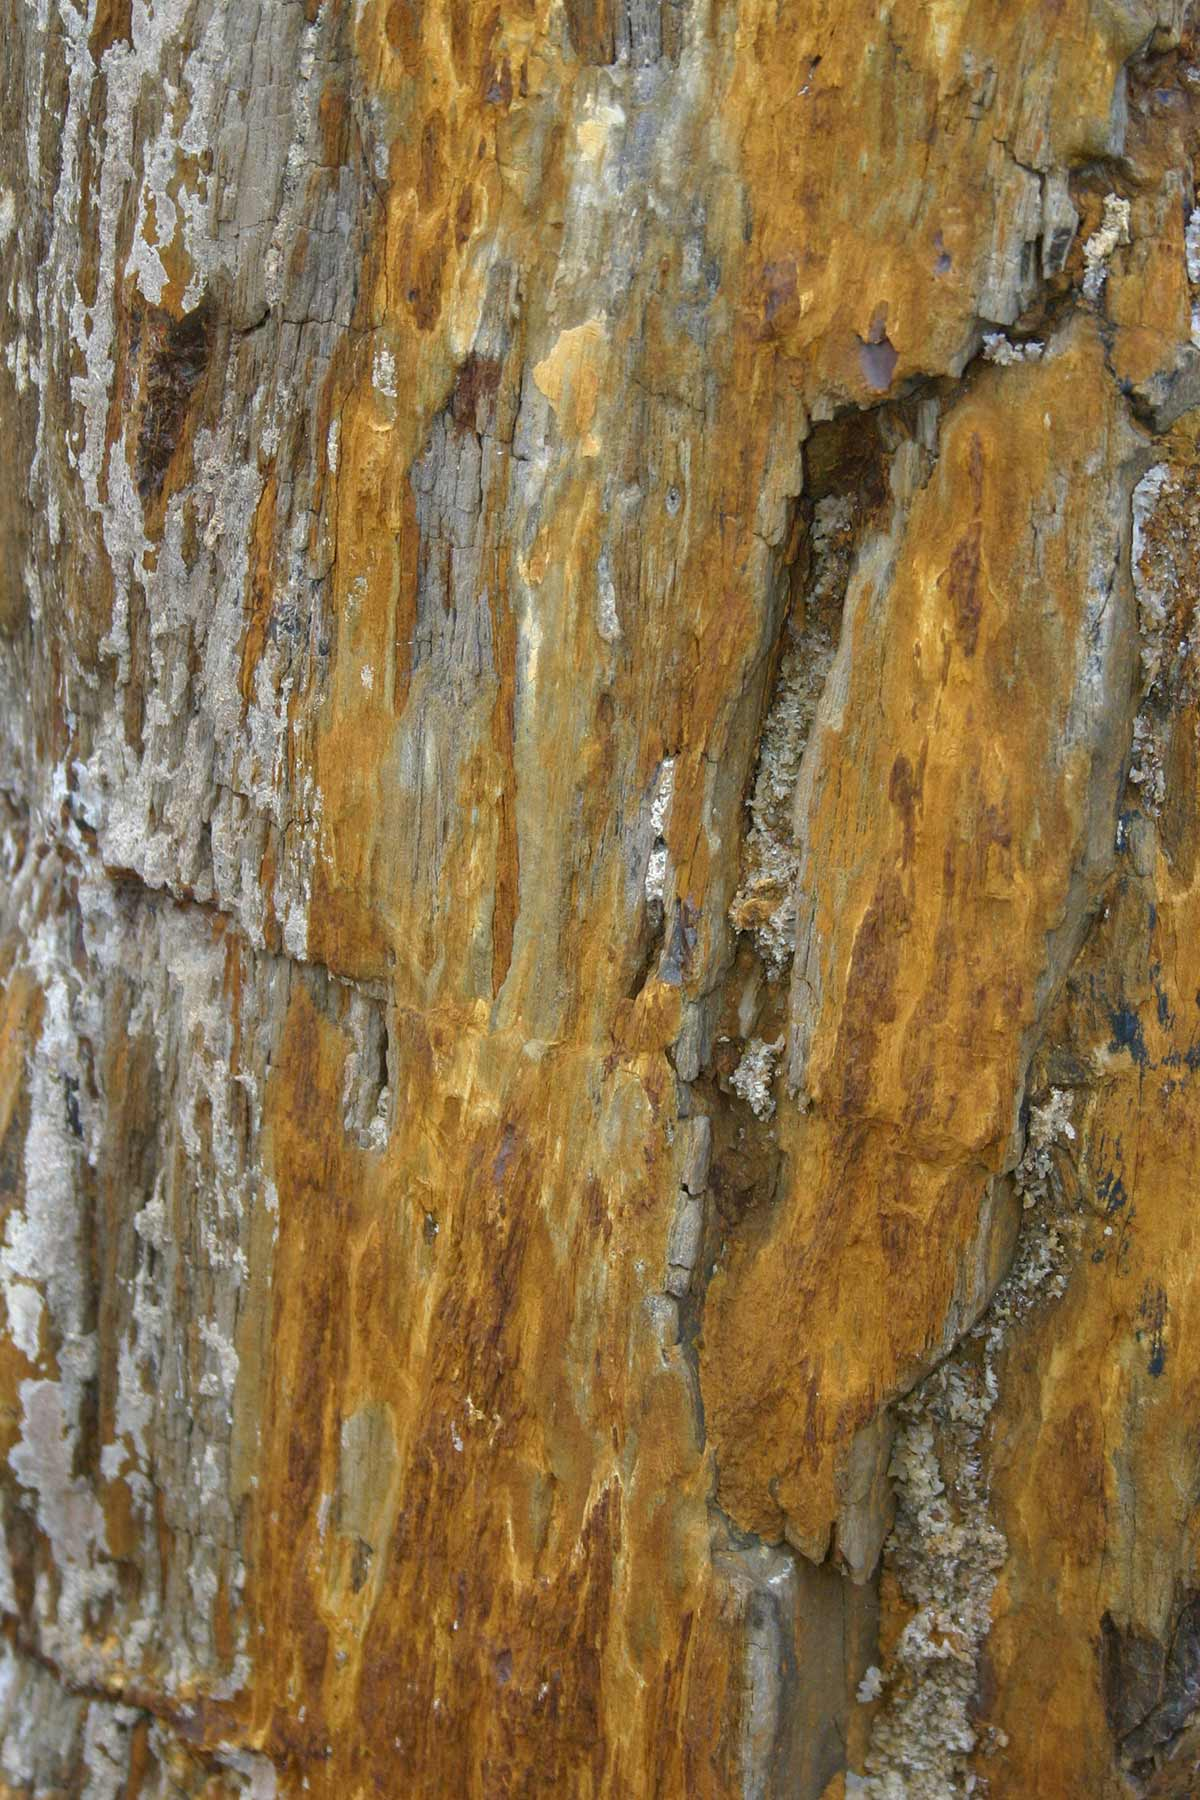 Versteinertes Holz gespalten